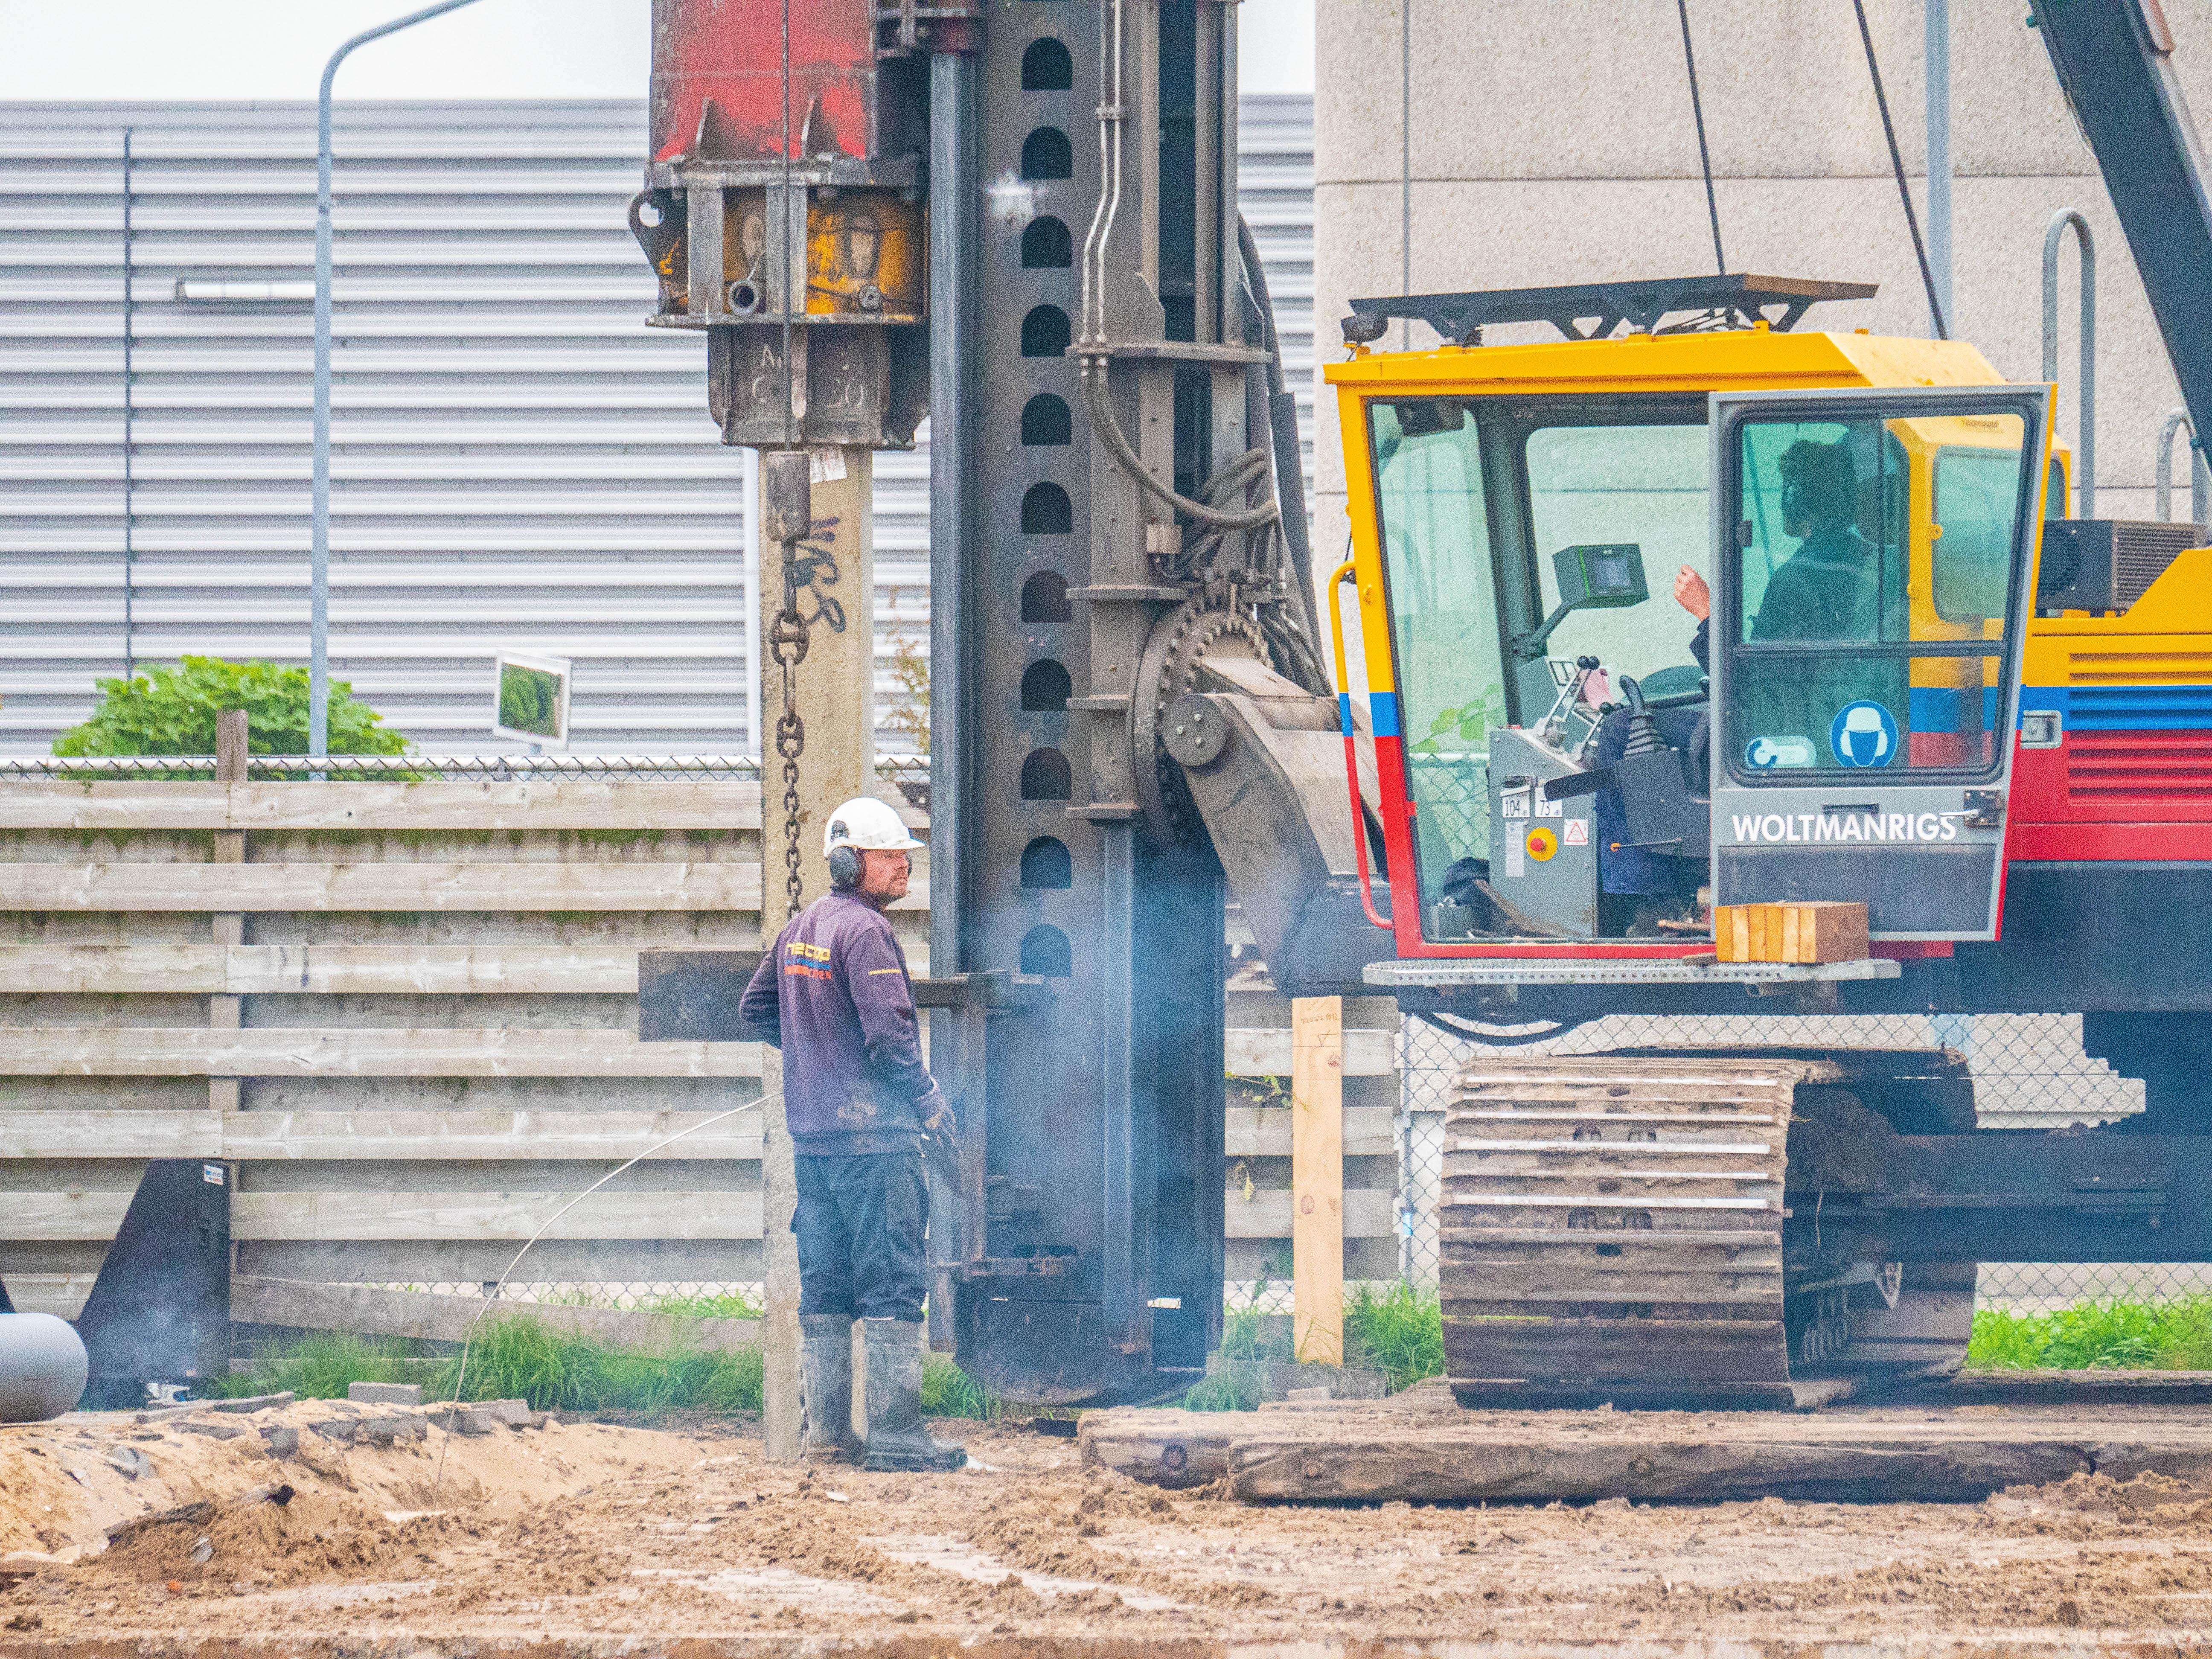 Eerste paal voor nieuwbouw Schagens bedrijventerrein Witte Paal: muntje moet zorgen voor meer geluk na verwoestende brand